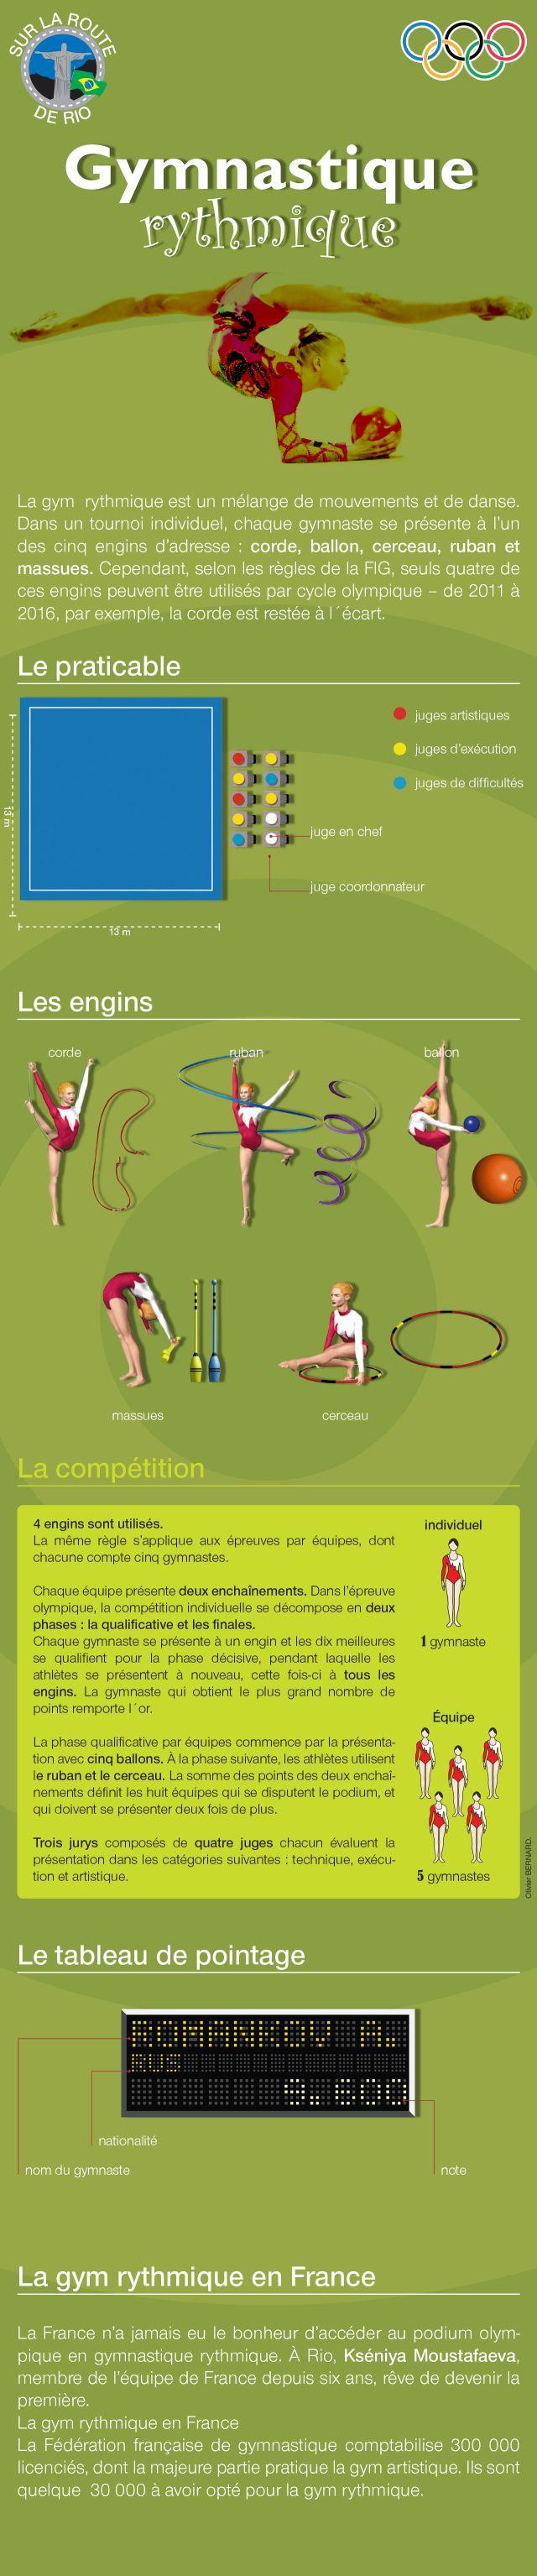 Pour tout comprendre sur la gymnastique rythmique aux Jeux olympiques de Rio.